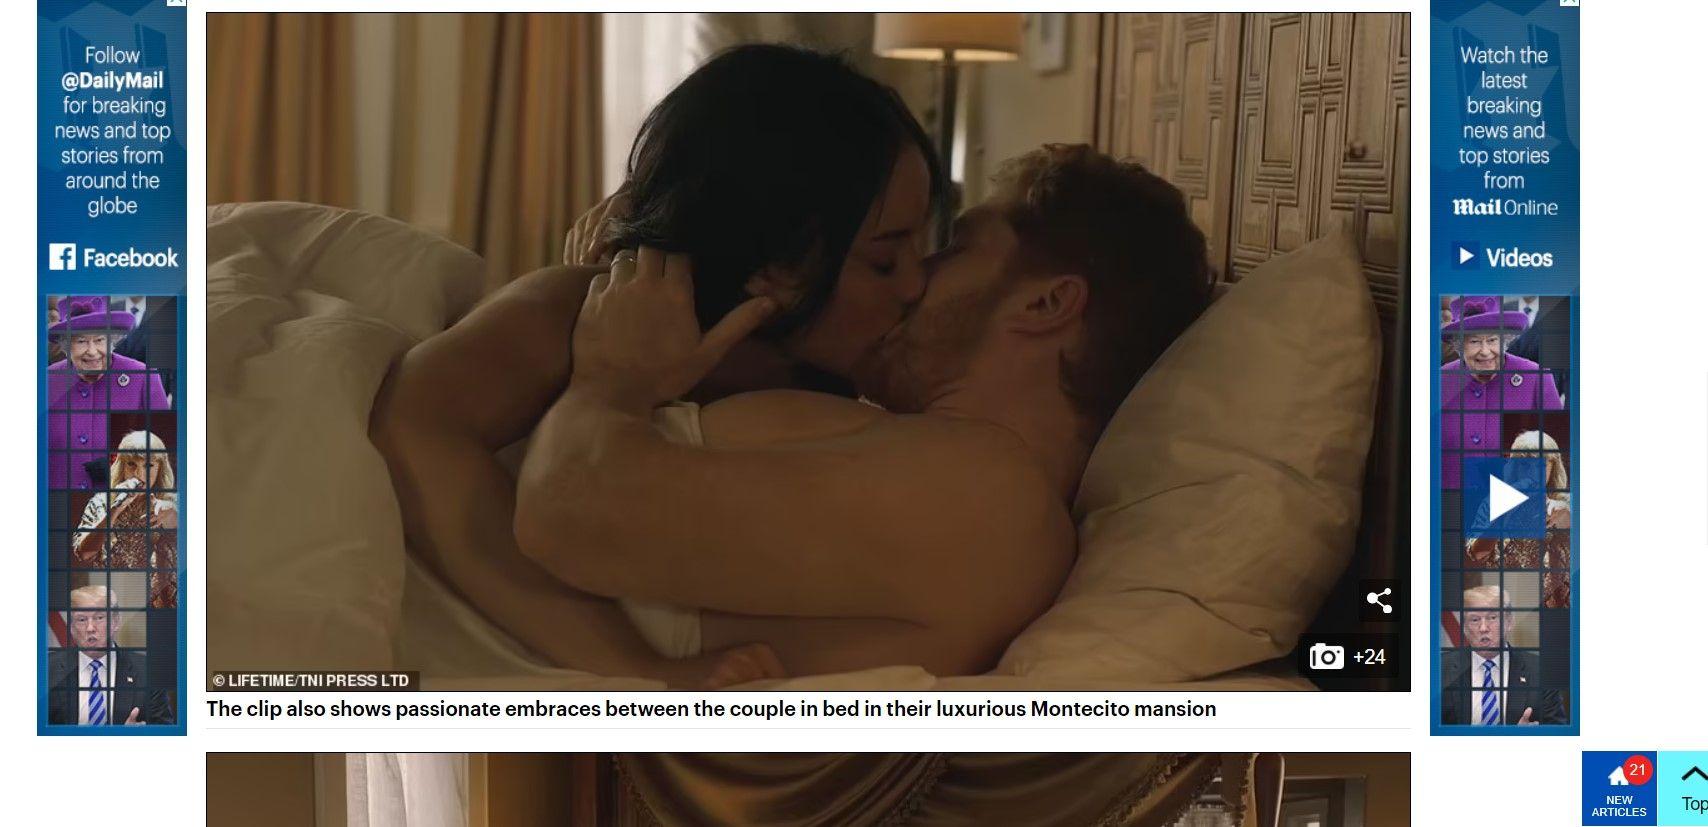 В сериала няма да пестят еротичните сцени